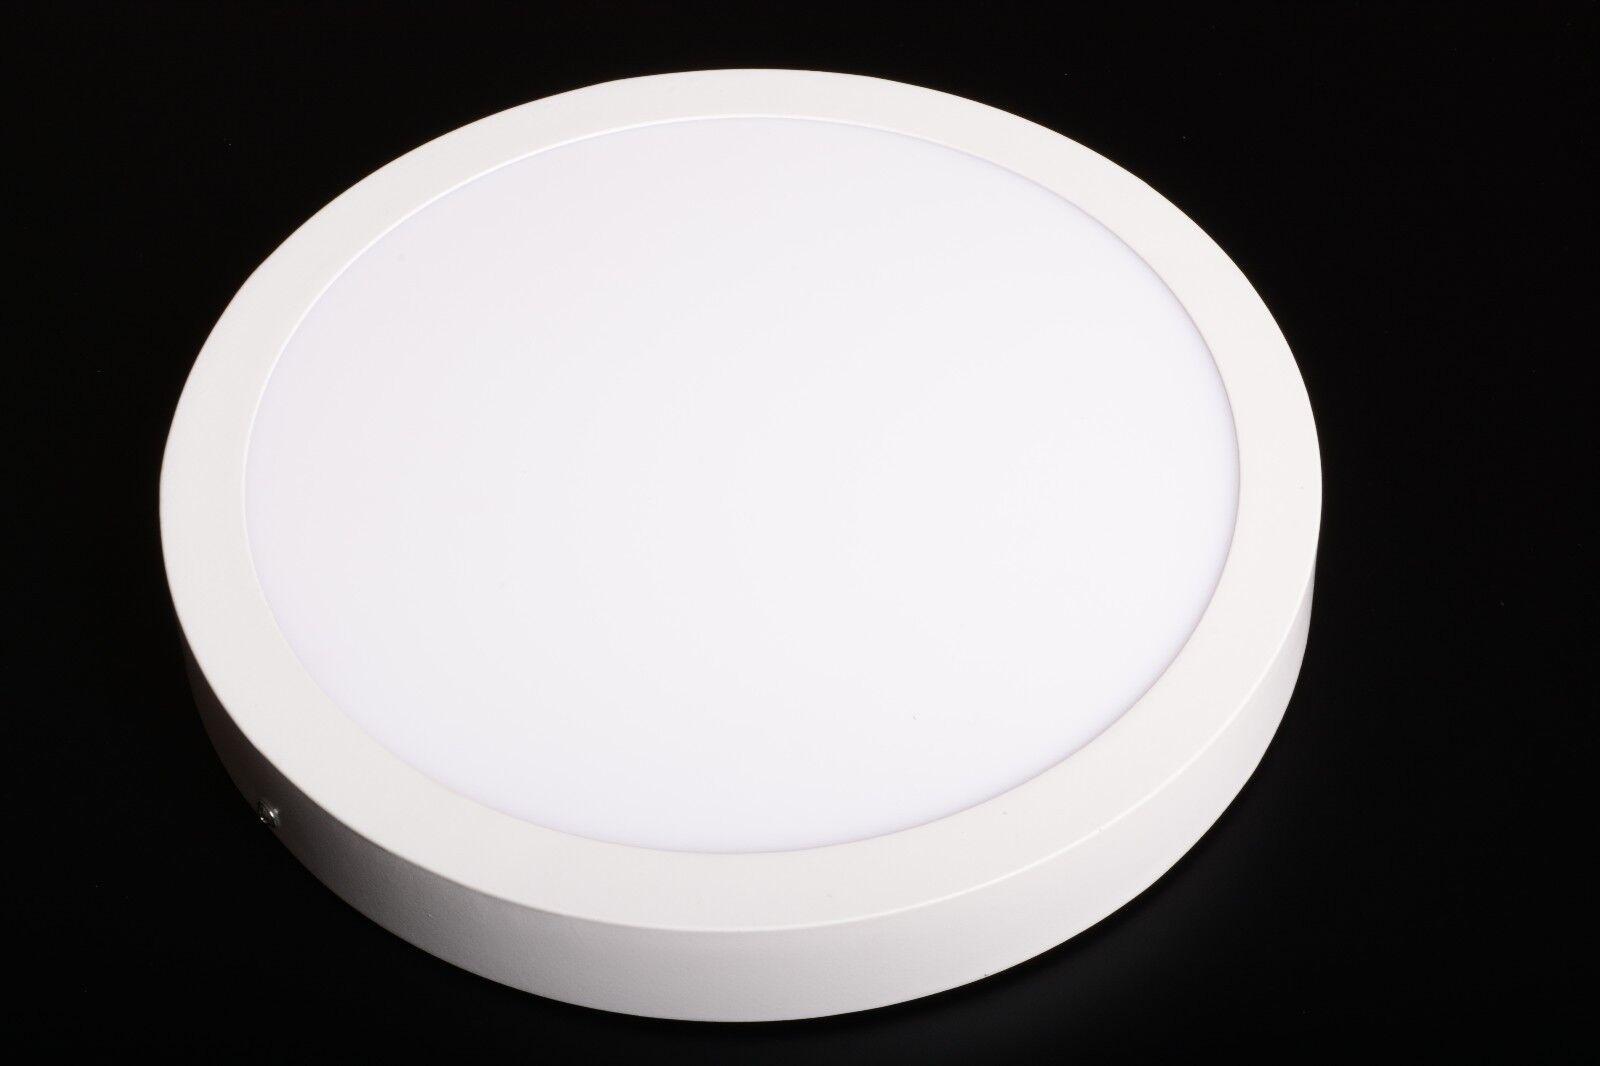 Faretti Led Da Soffitto : Faretto led da soffitto parete plafoniera 24w rotondo 300mm bianco